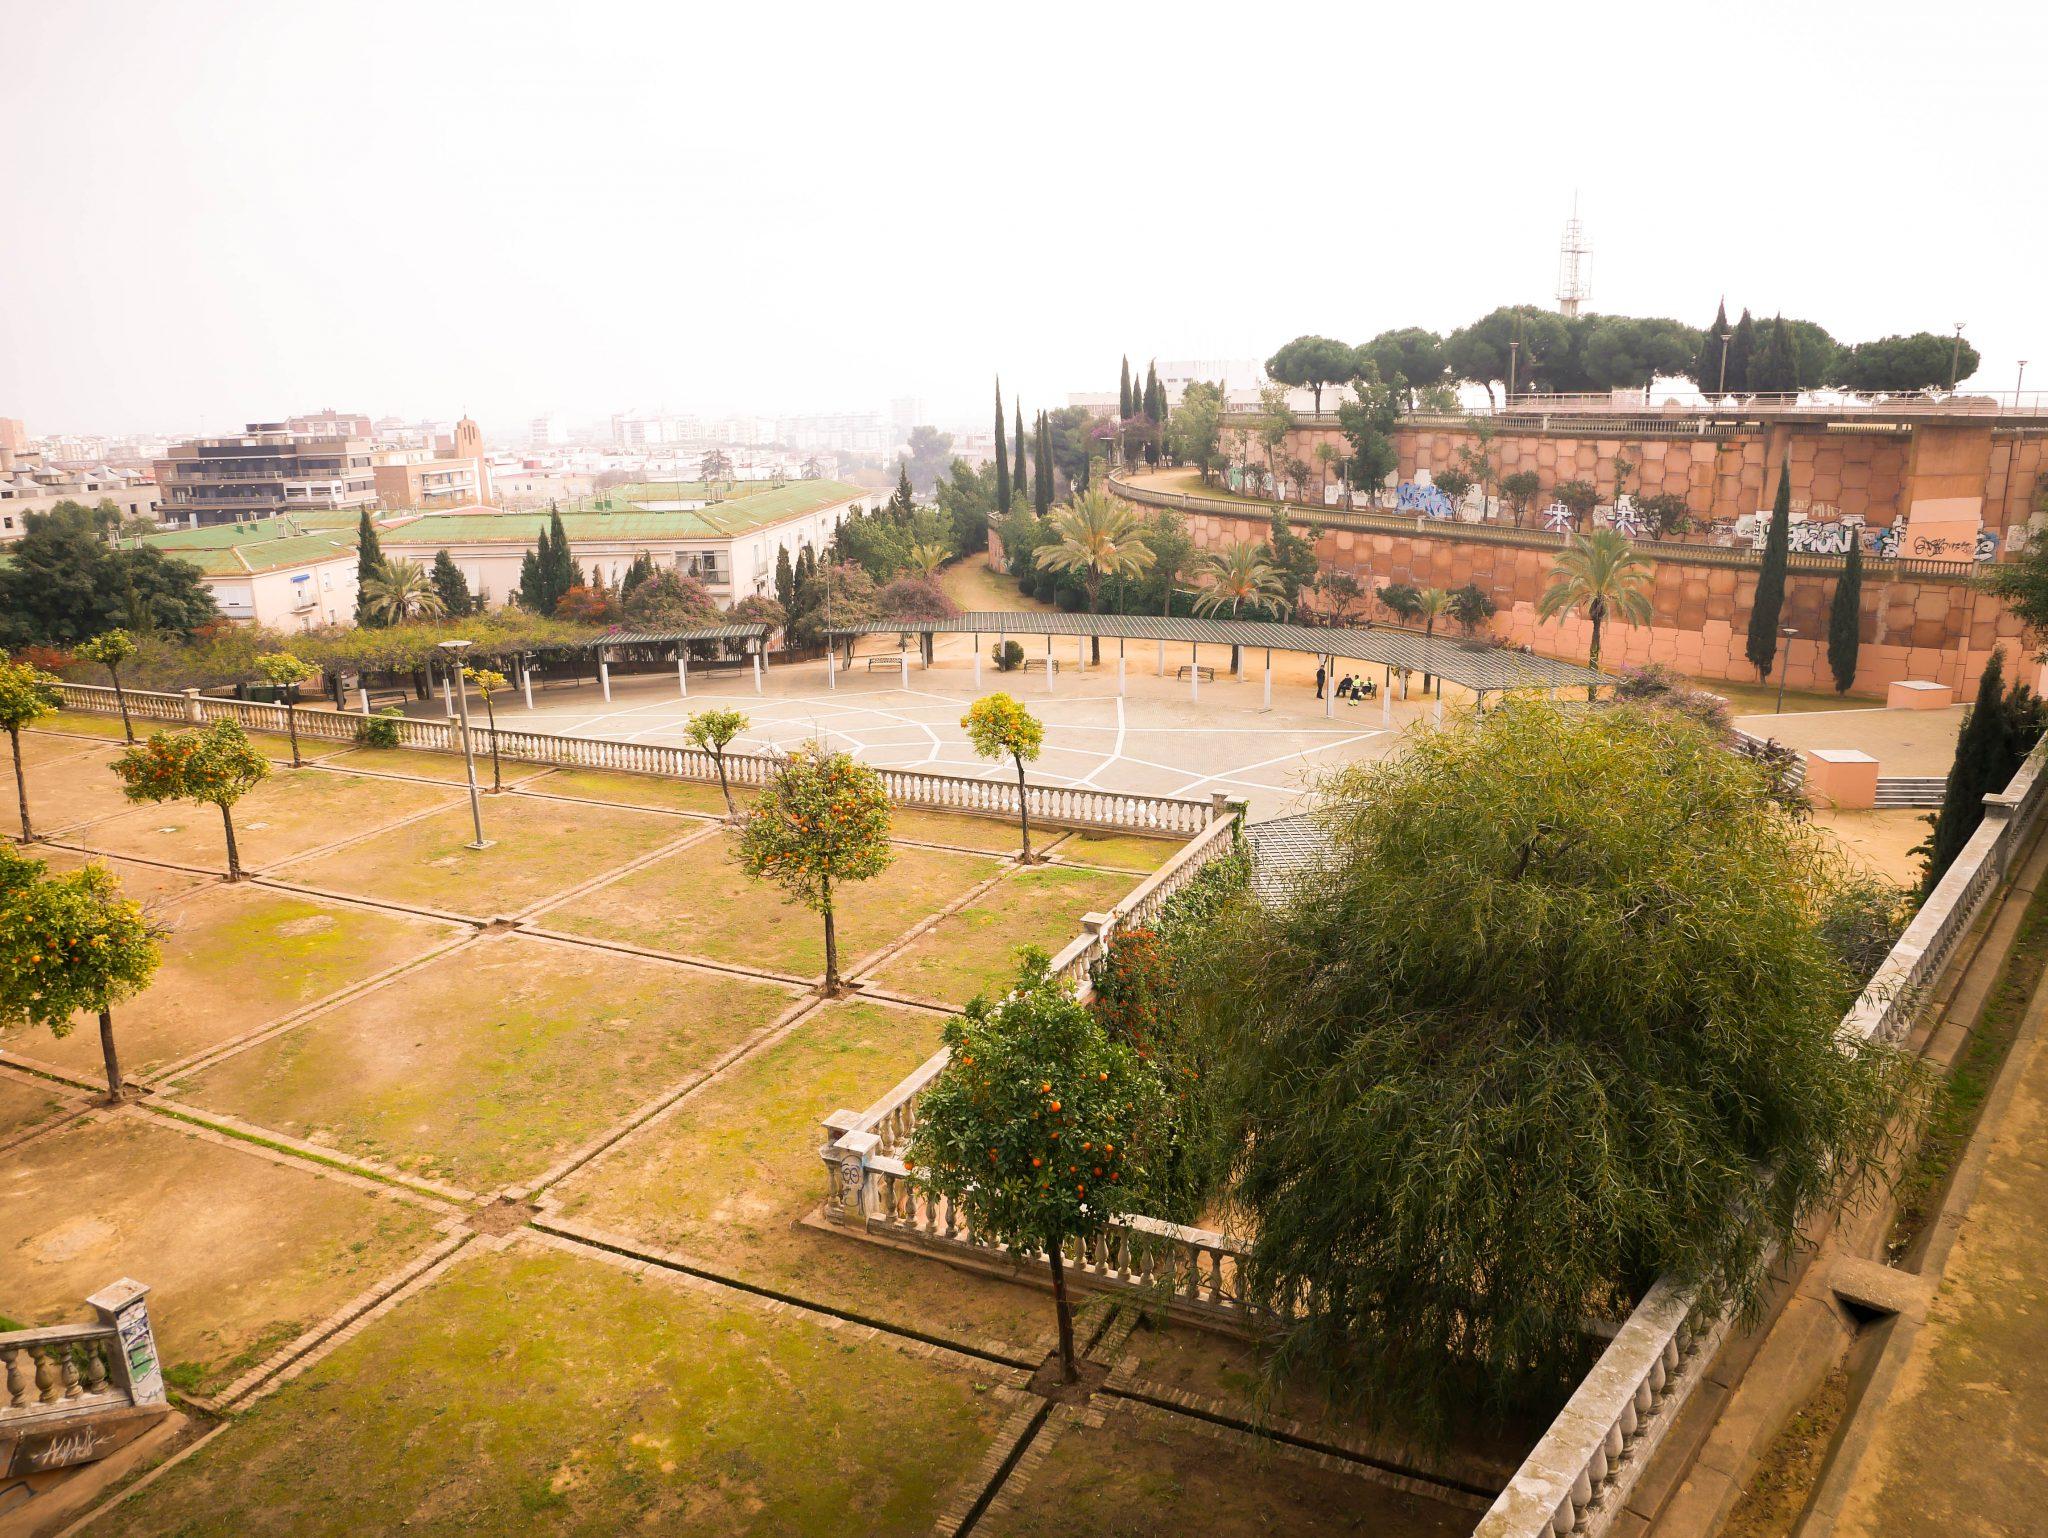 Huelva, Alonso sanchez Park: Der wohl ungewöhnlichste Park, den ich jemals gesehen habe!